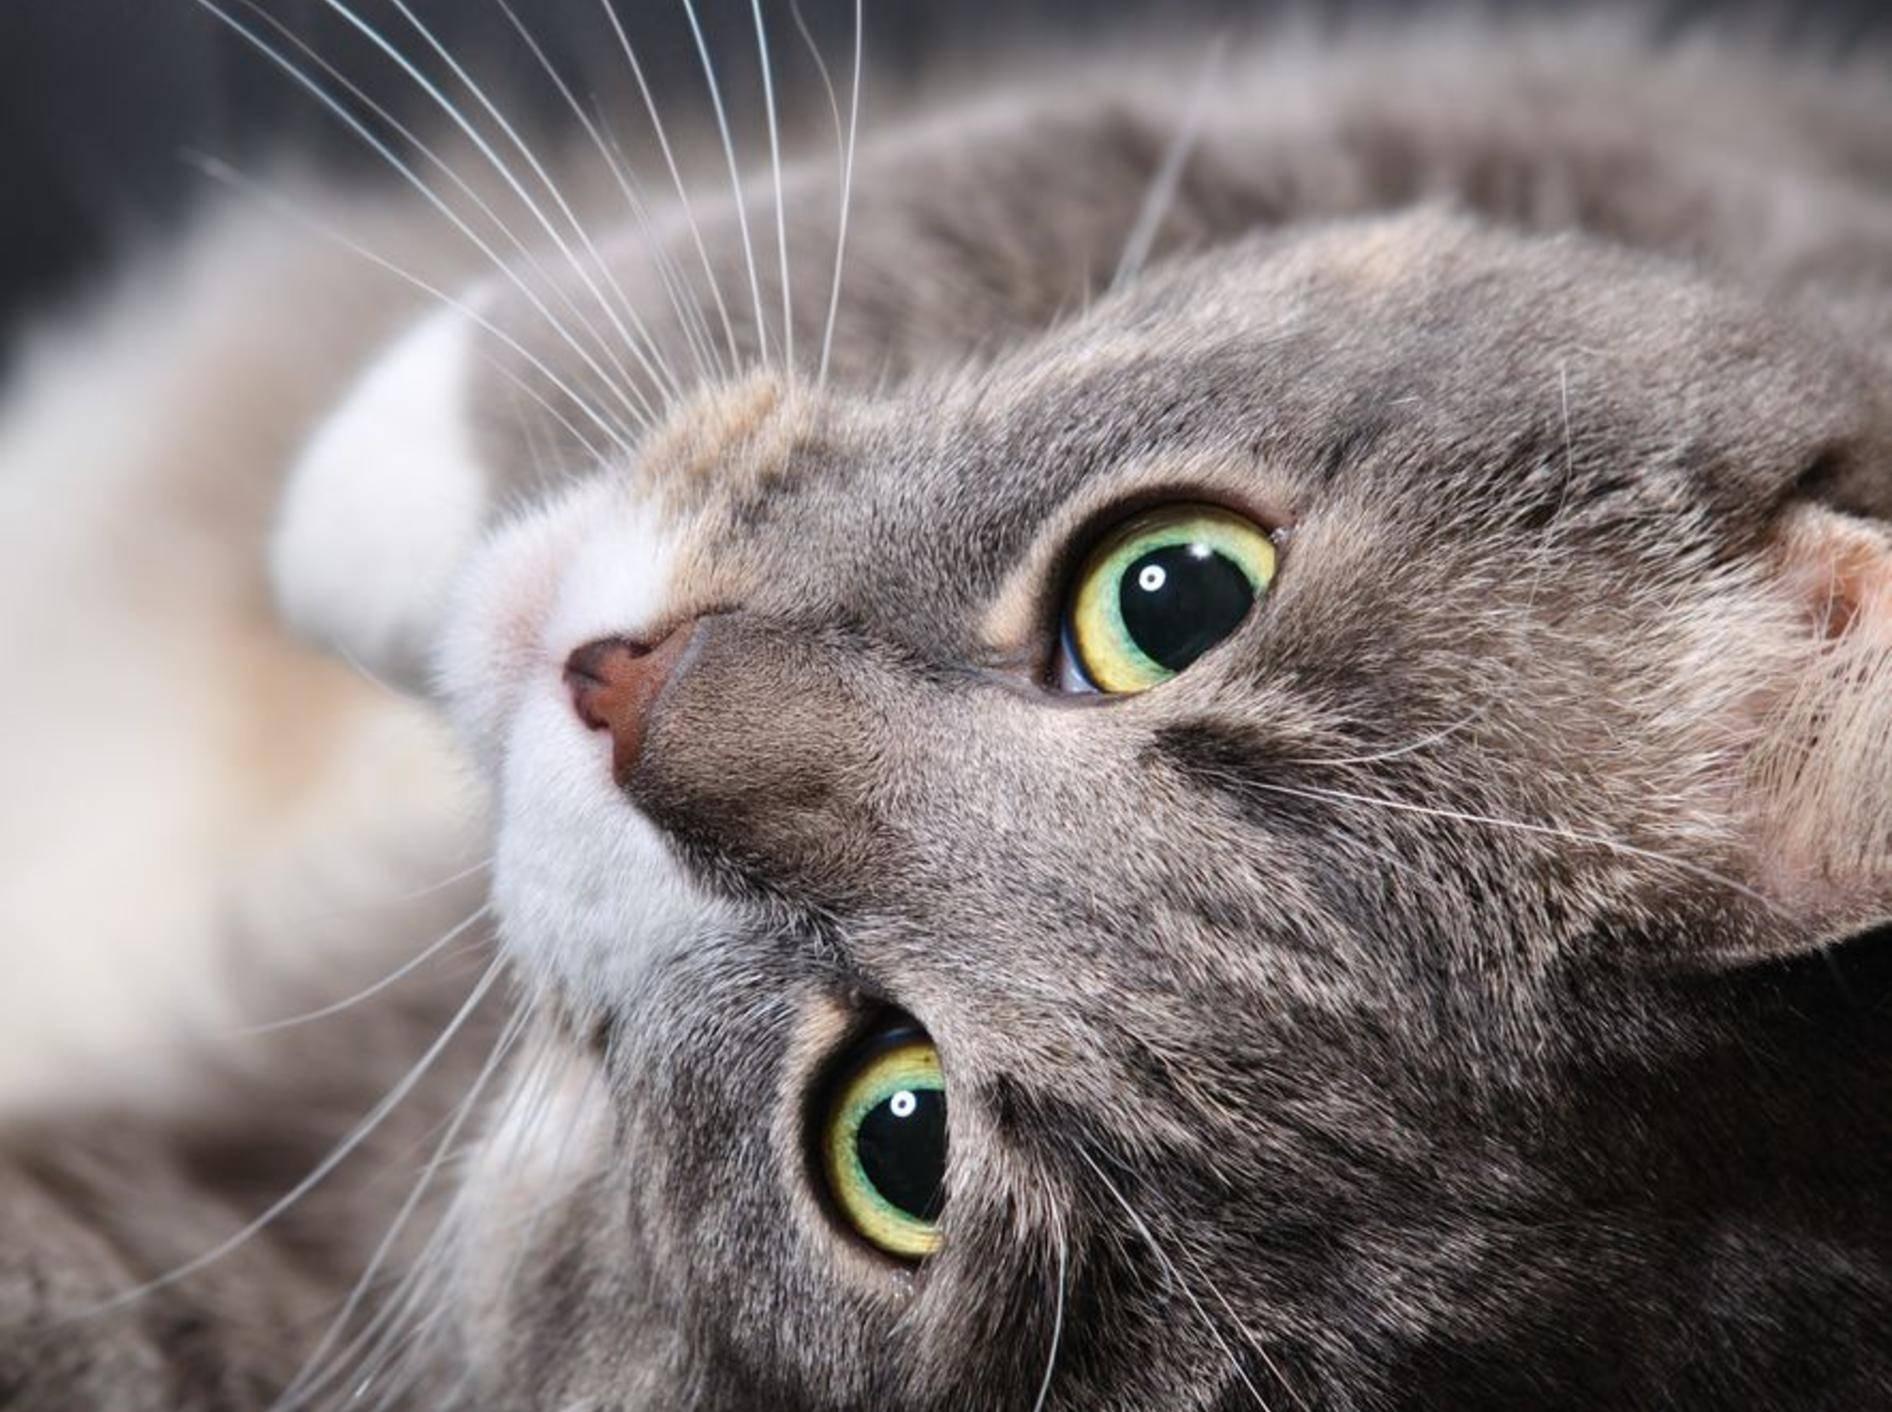 Trauer um die geliebte Katze: Kommt Tierpräparation infrage? – Bild: Shutterstock